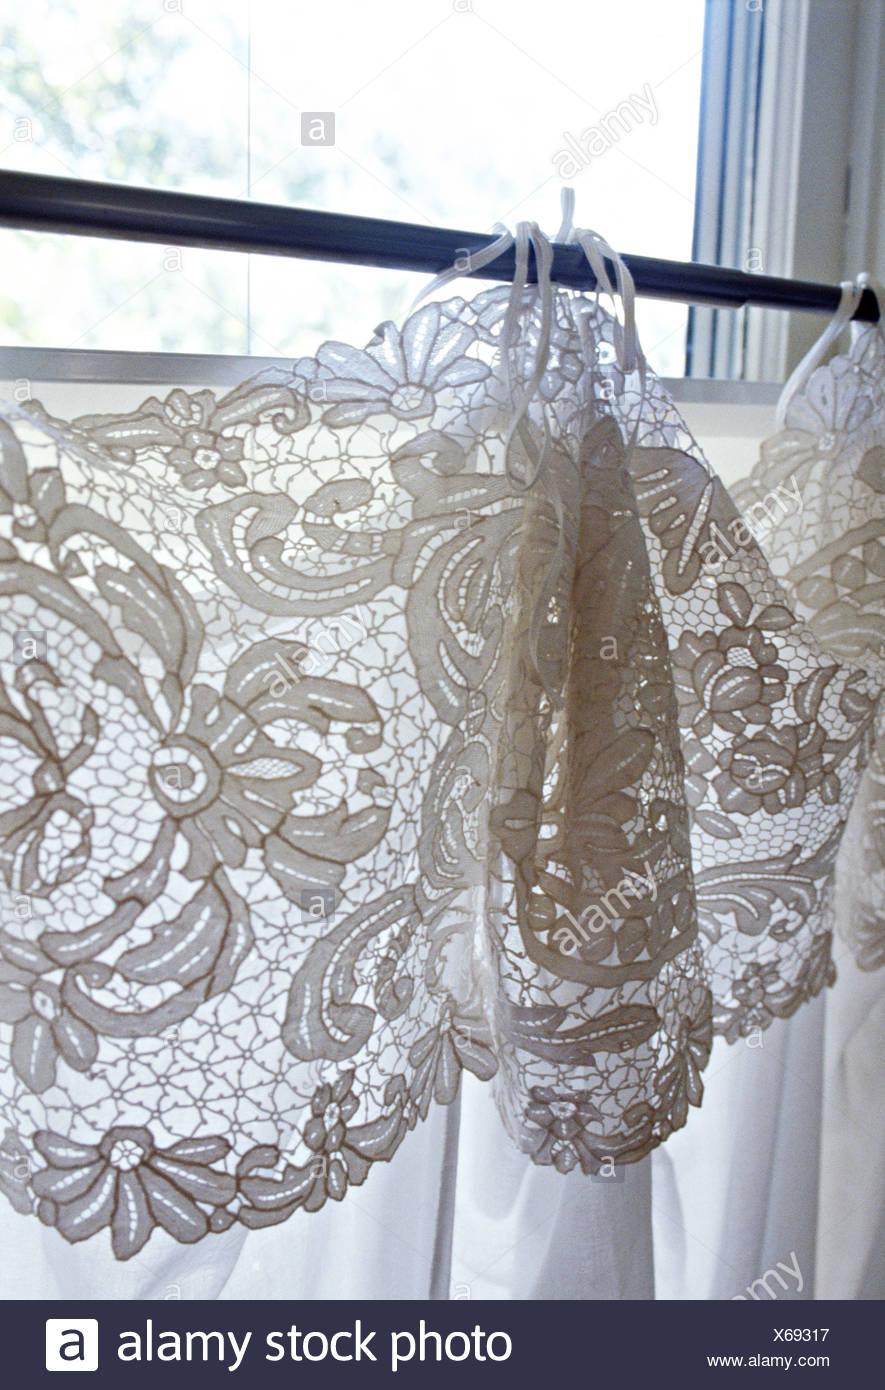 https www alamyimages fr close up de fenetre avec dentelle blanche sur les rideaux de coton blanc image279253779 html